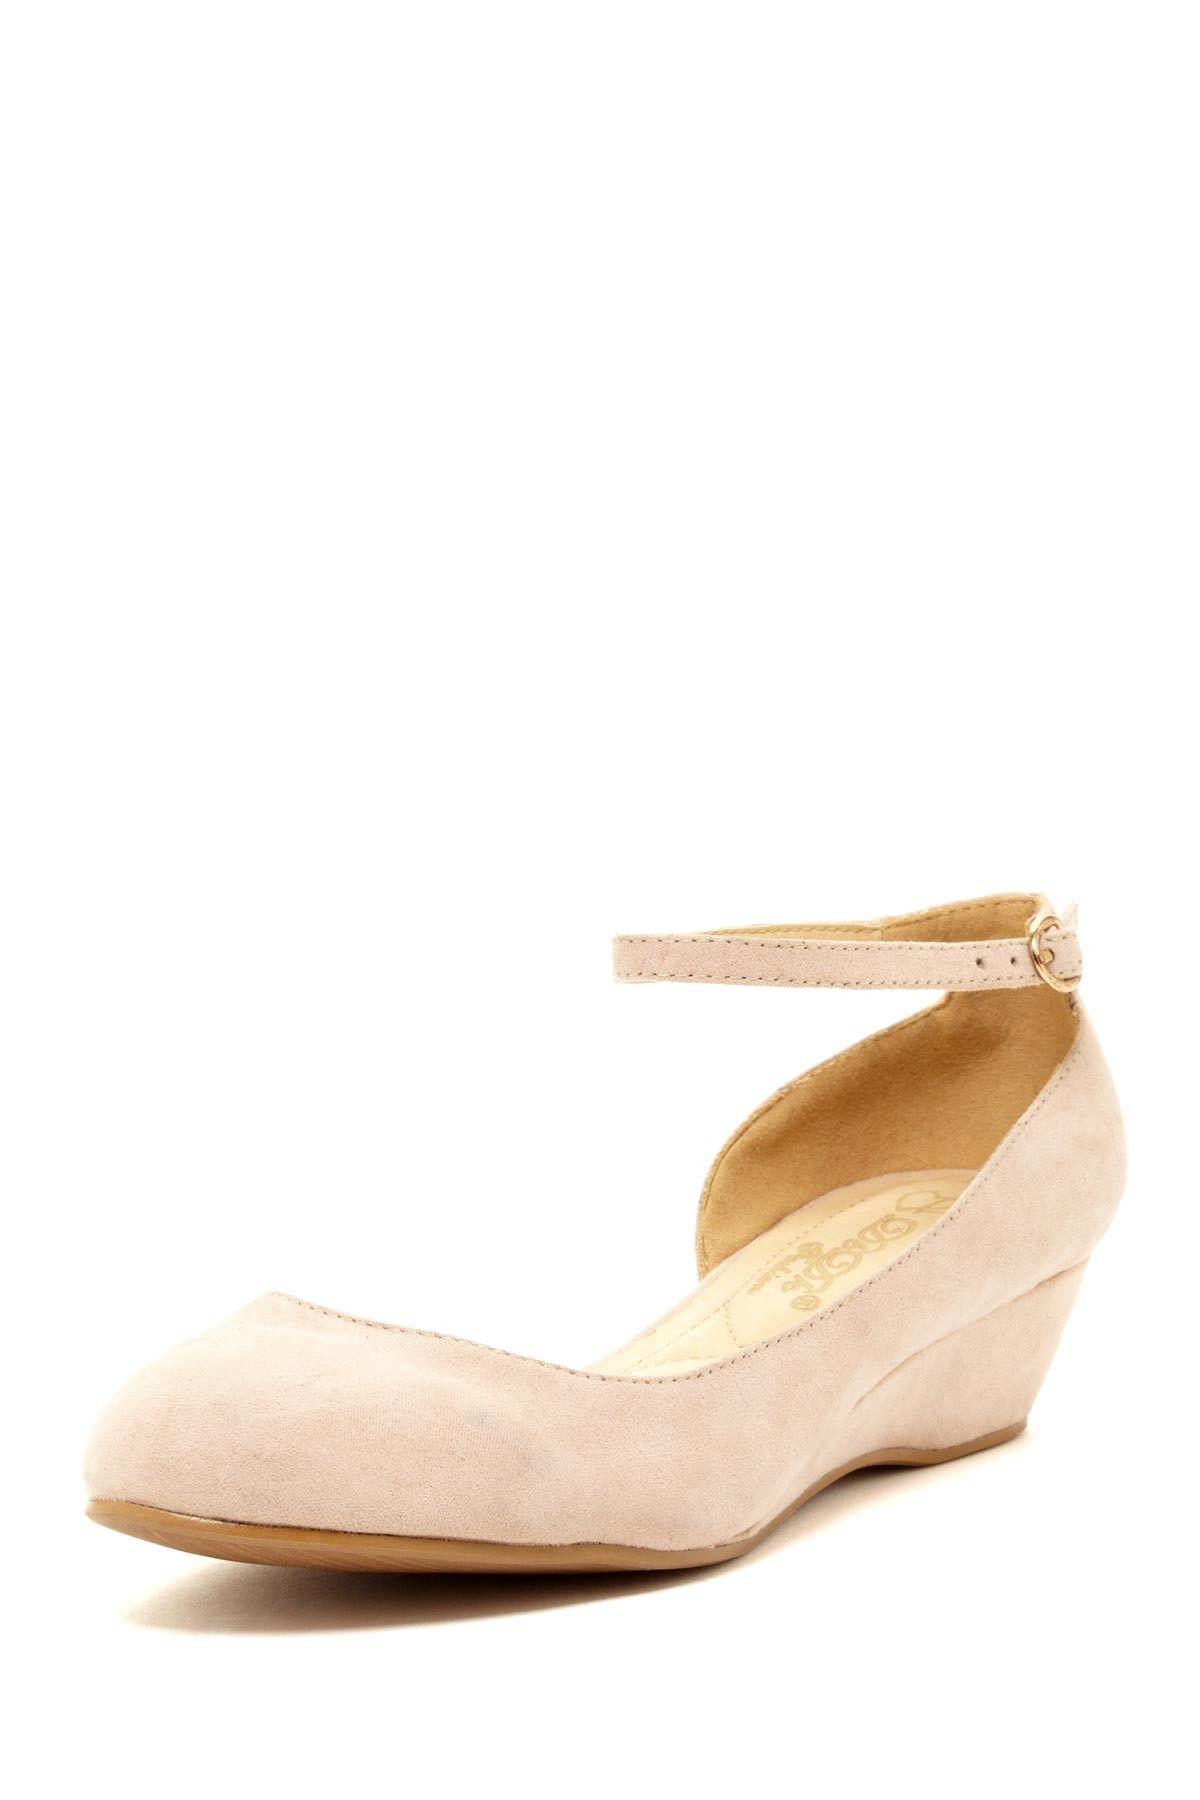 DbDK Fashion by Elegant Footwear Cisanni Half d-Orsay Wedge//